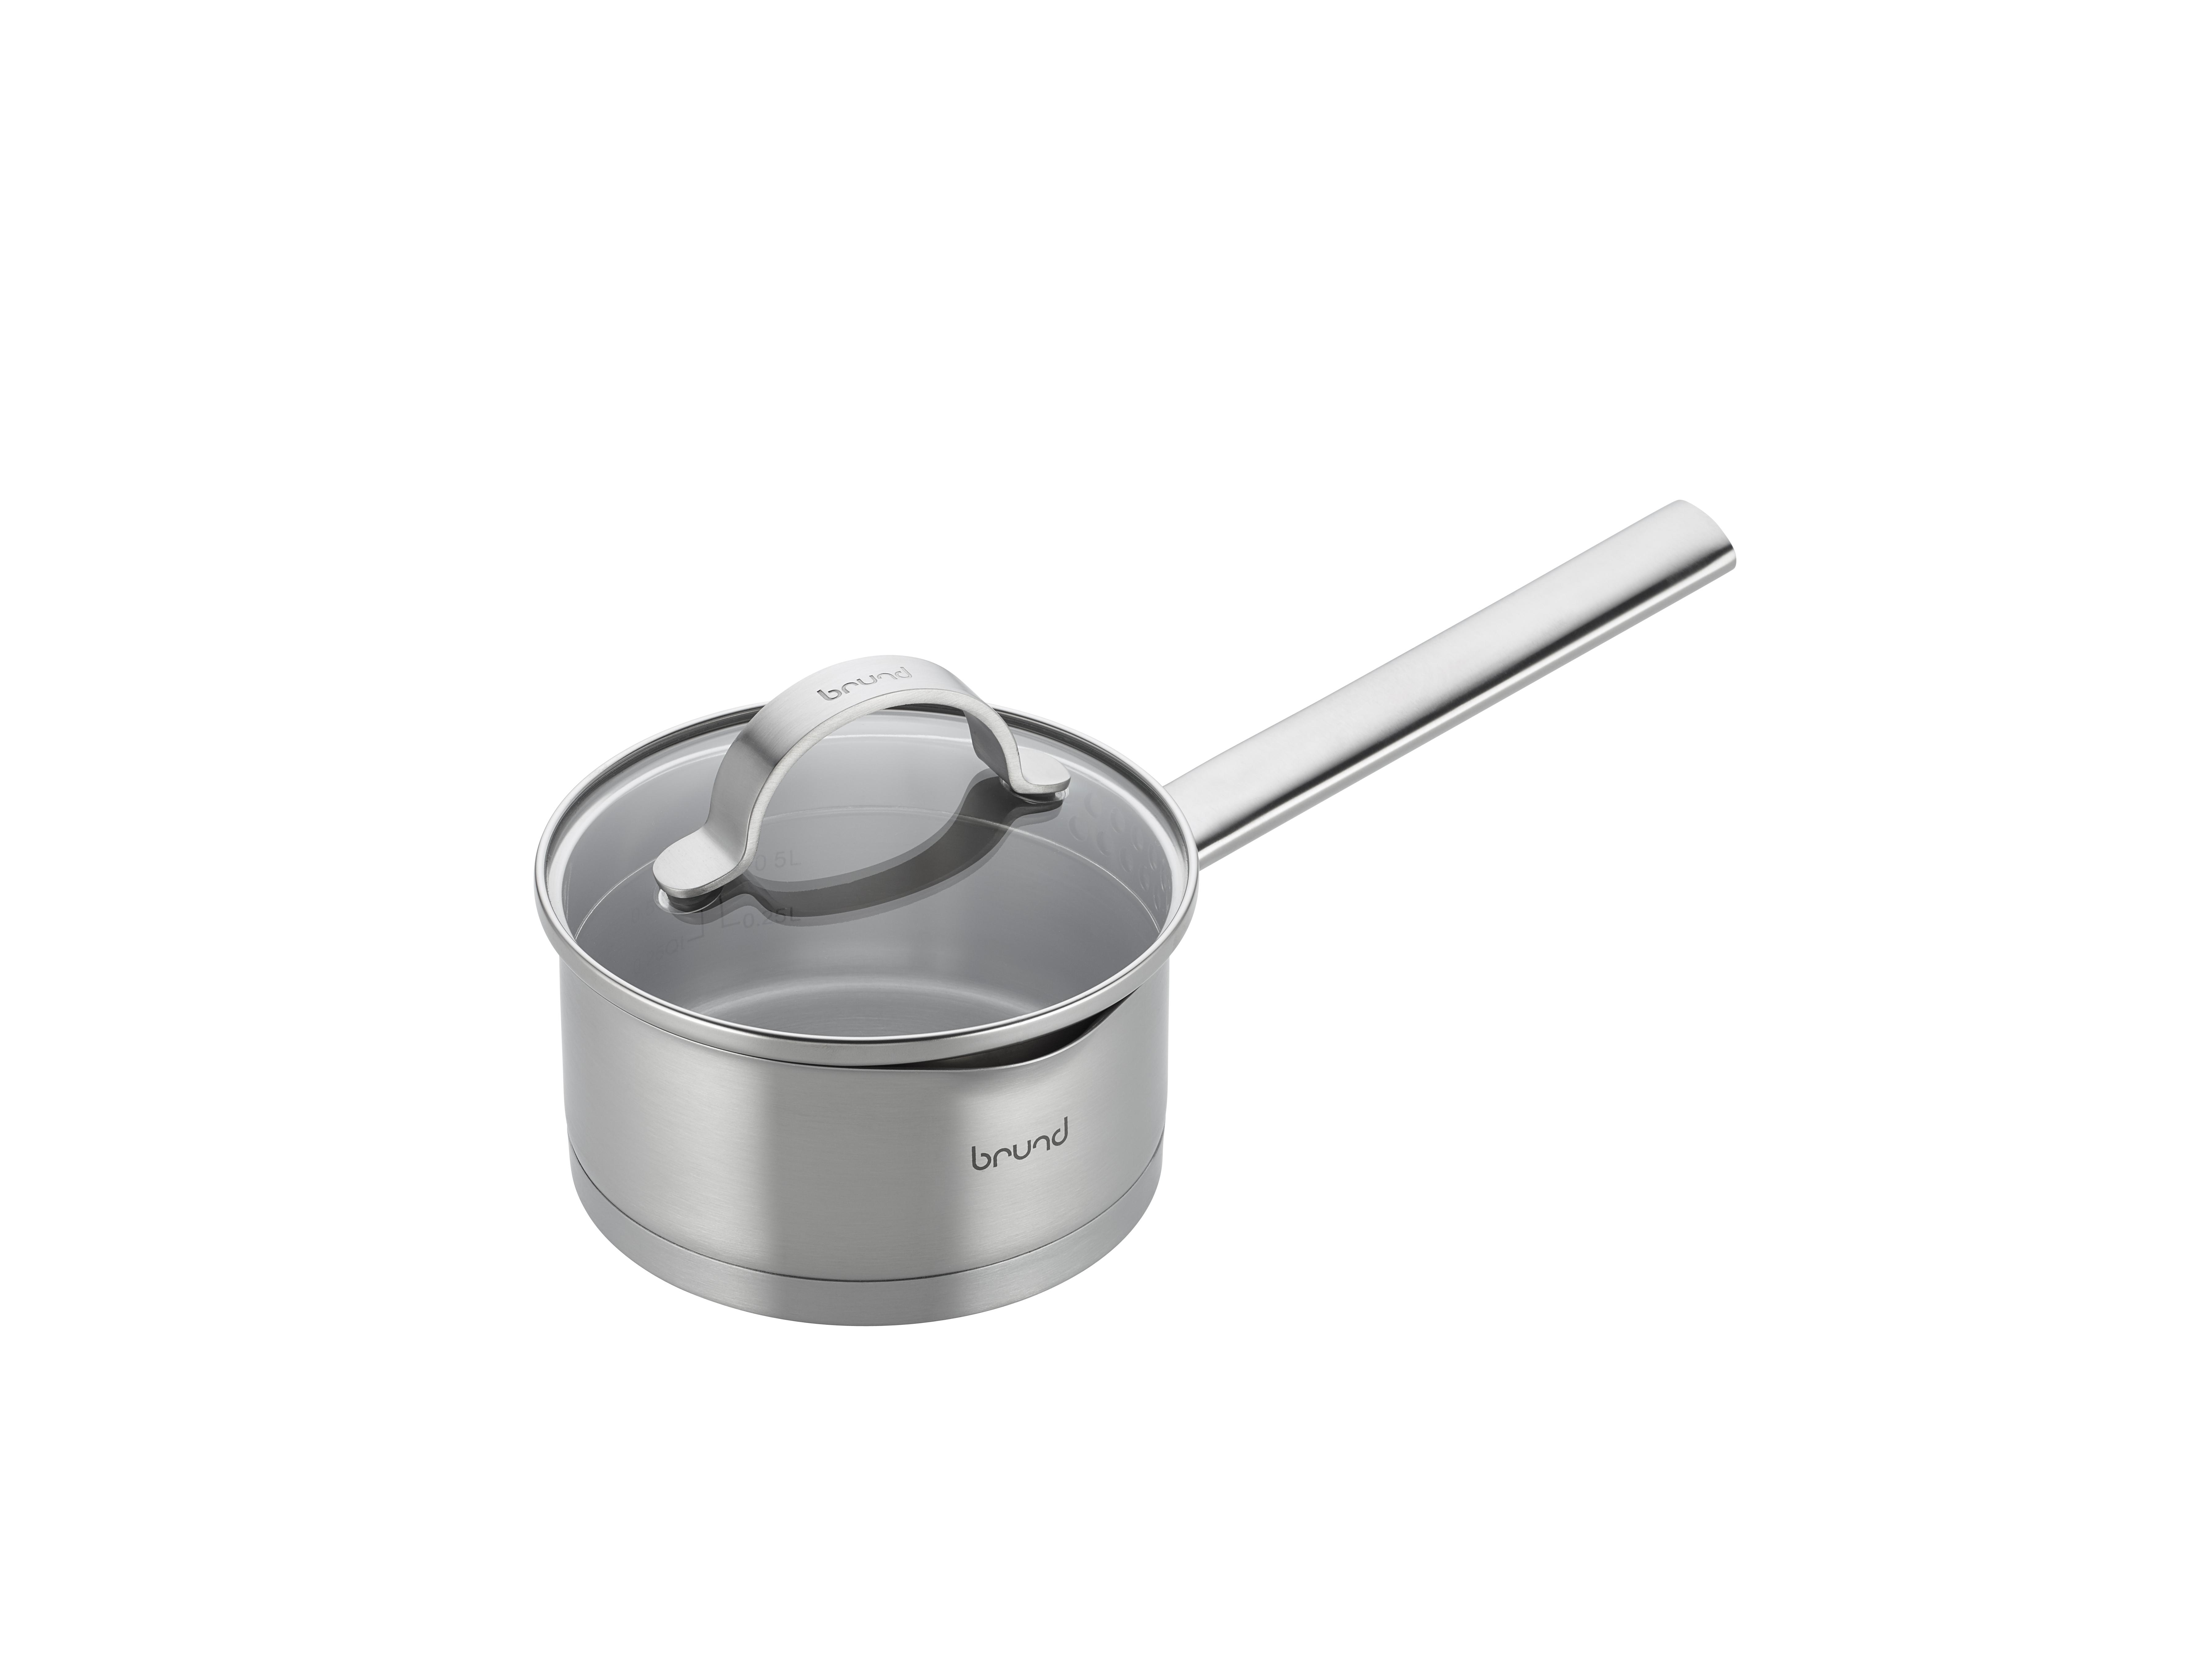 Billede af Brund by Scanpan 1,0 l kasserolle med låg - Brund One